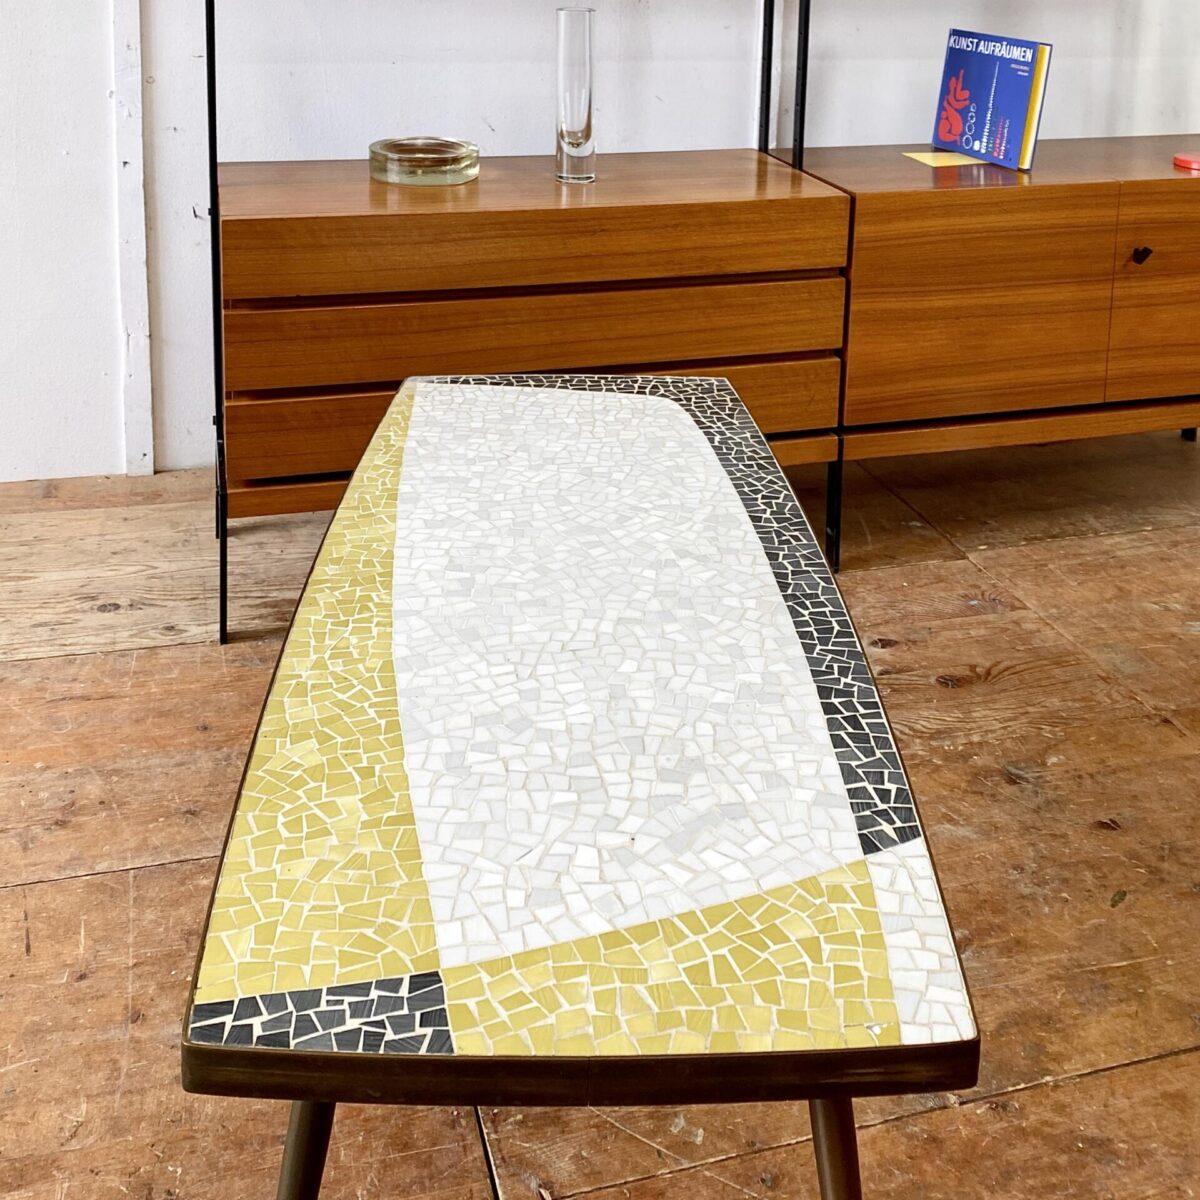 Deuxieme.shop midcentury Mosaik Salontisch mit Messing Füssen aus den 50er Jahren. 115x48cm Höhe 45cm. Das drei farbige Mosaik Tischblatt ist mit einer Messing Kante eingefasst. Die Grundform ist leicht Geschwungen. Konische Runde Messing Tischbeine, mit Standfüssen, aus einem Guss.